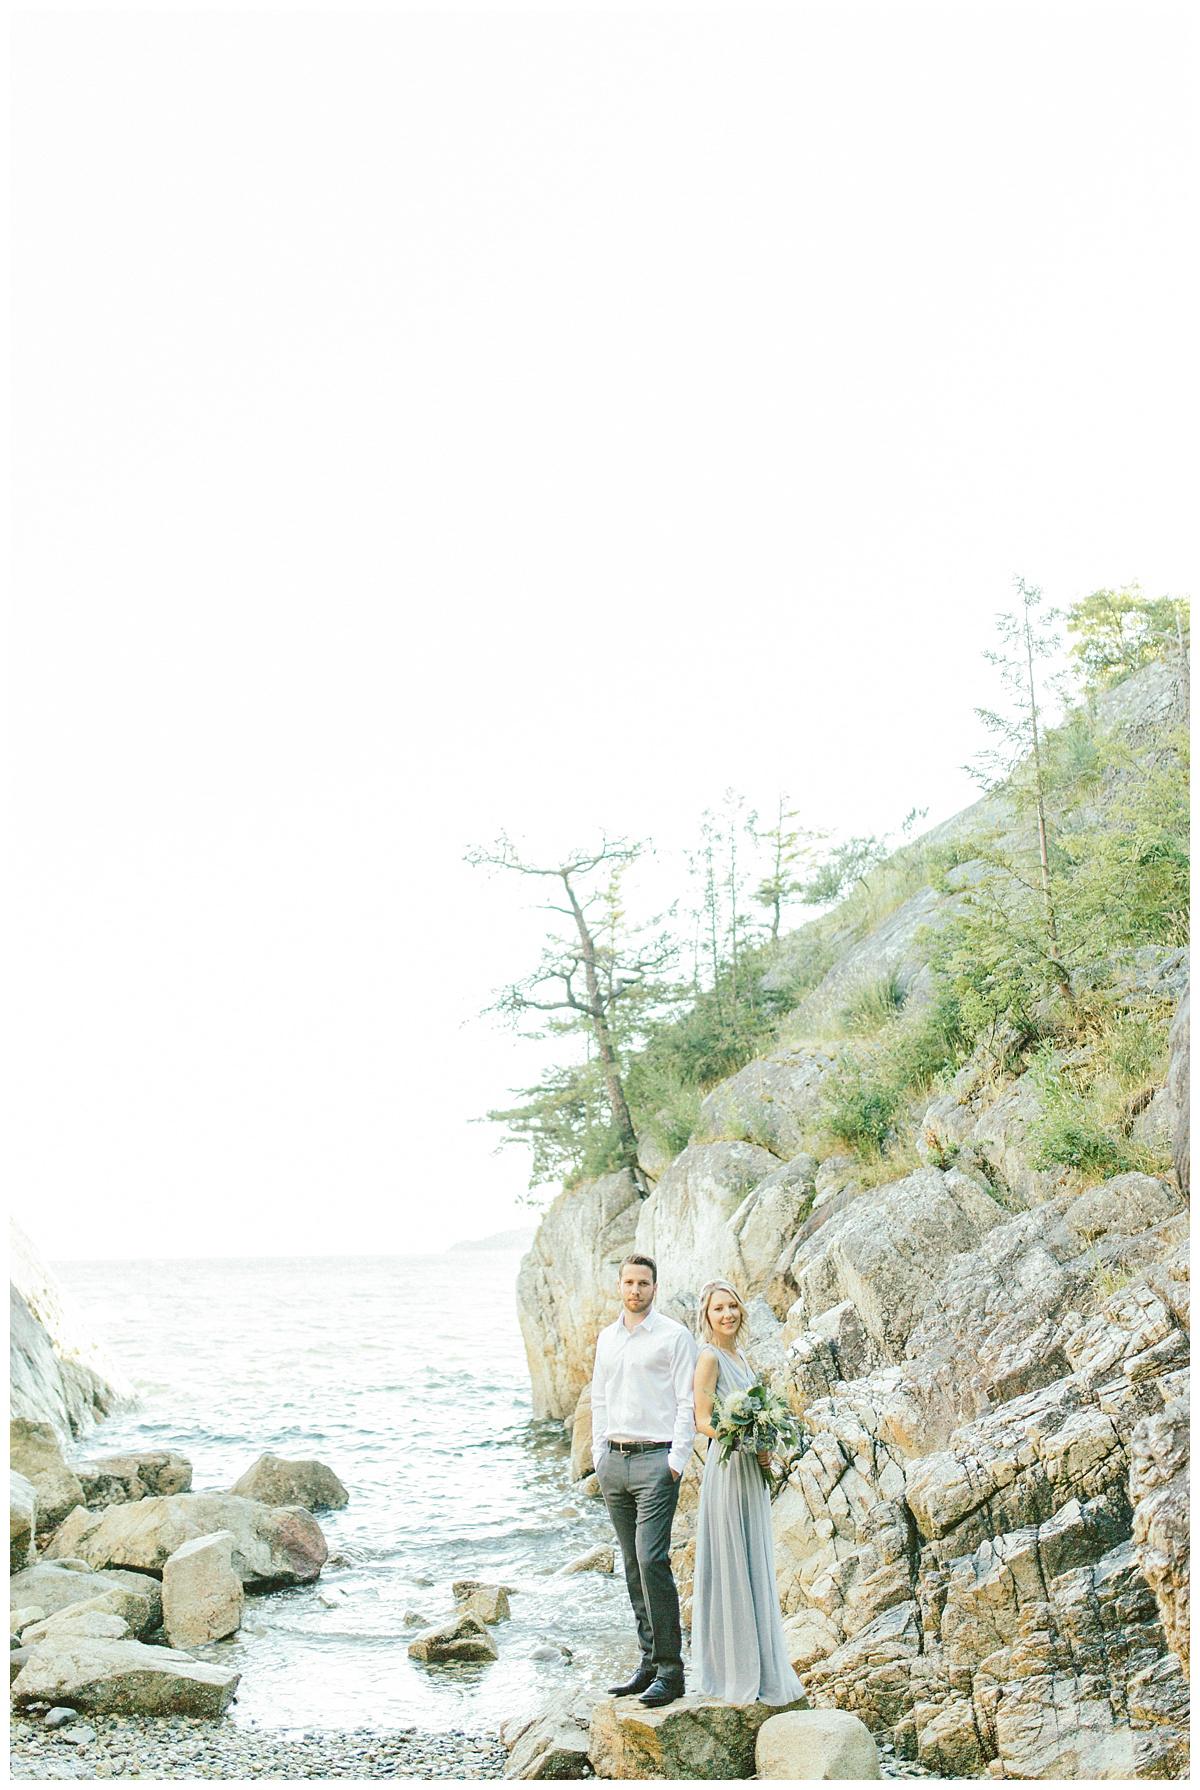 Hong Kong Fine Art Wedding Prewedding Photographer Mattie C. 00005.jpg